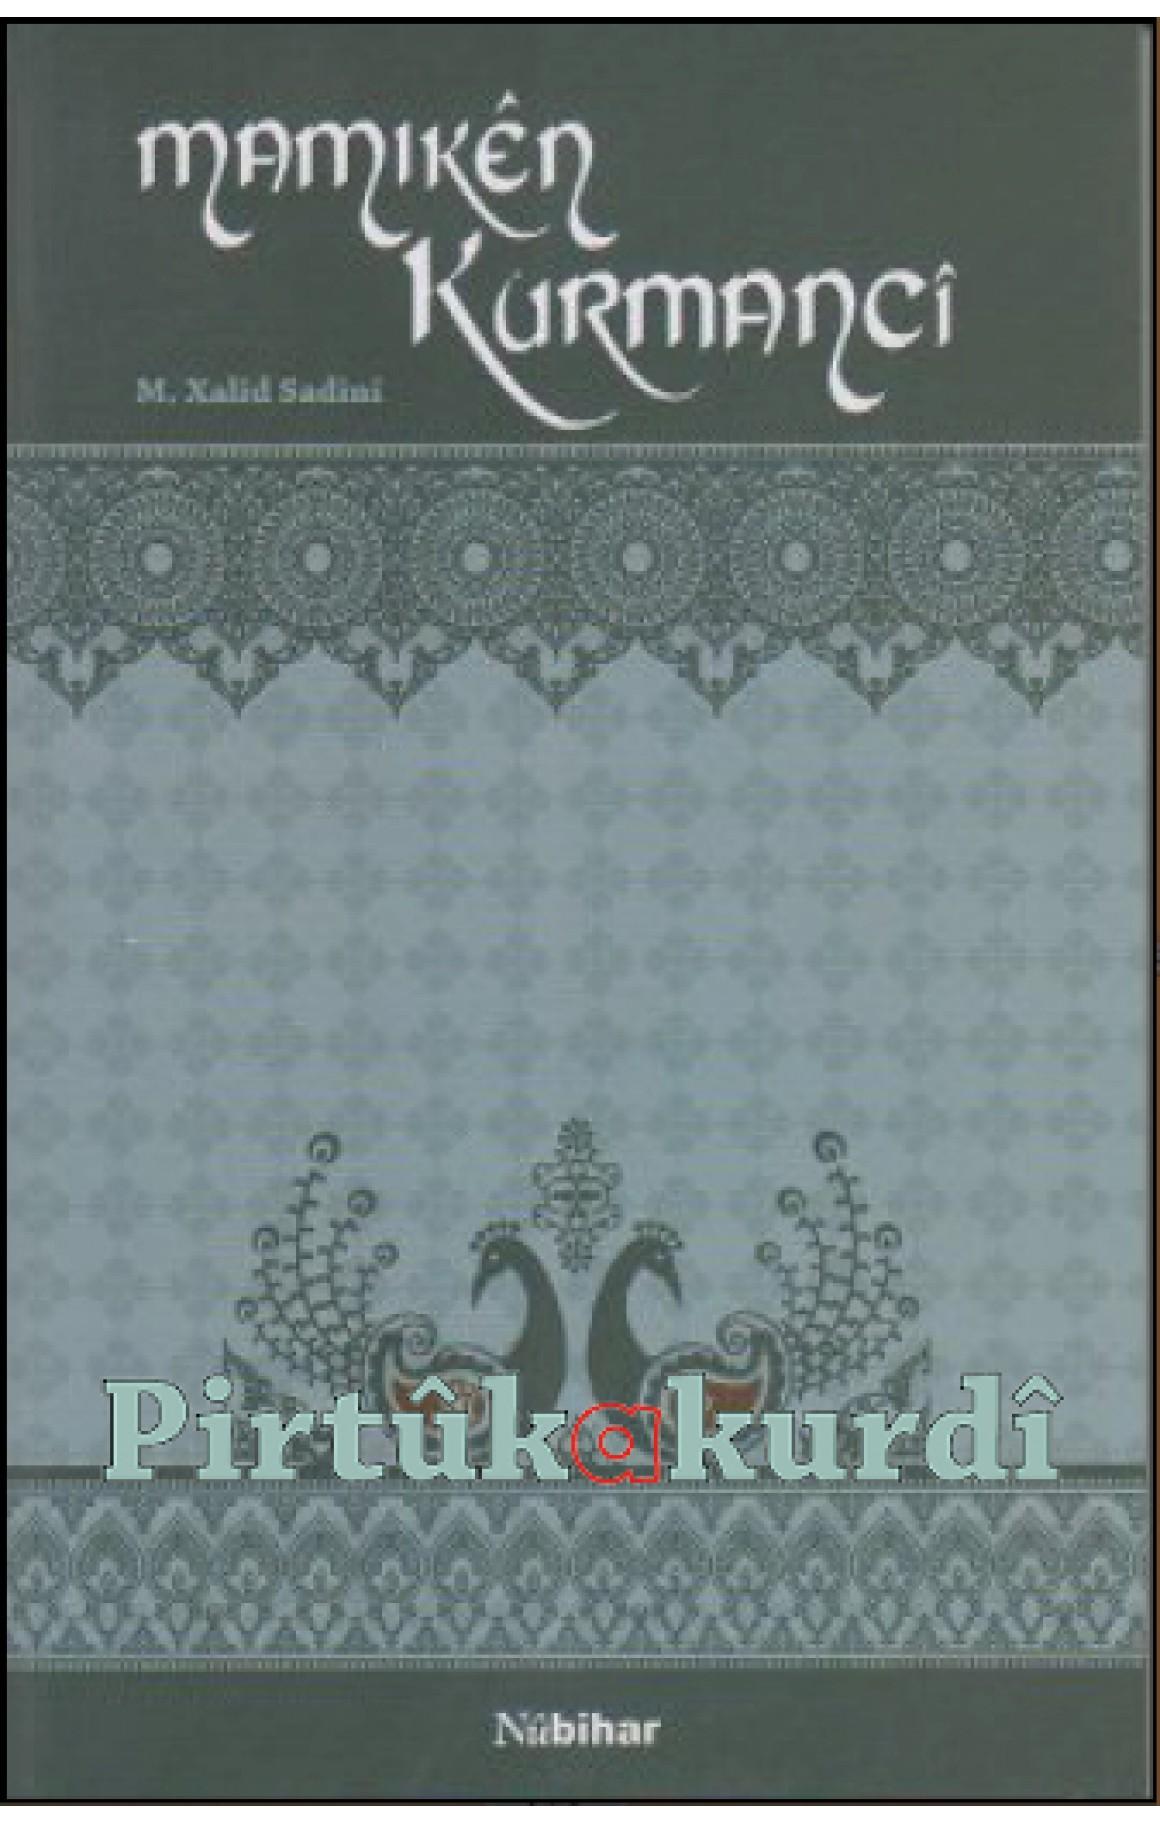 Mamikên Kurmancî